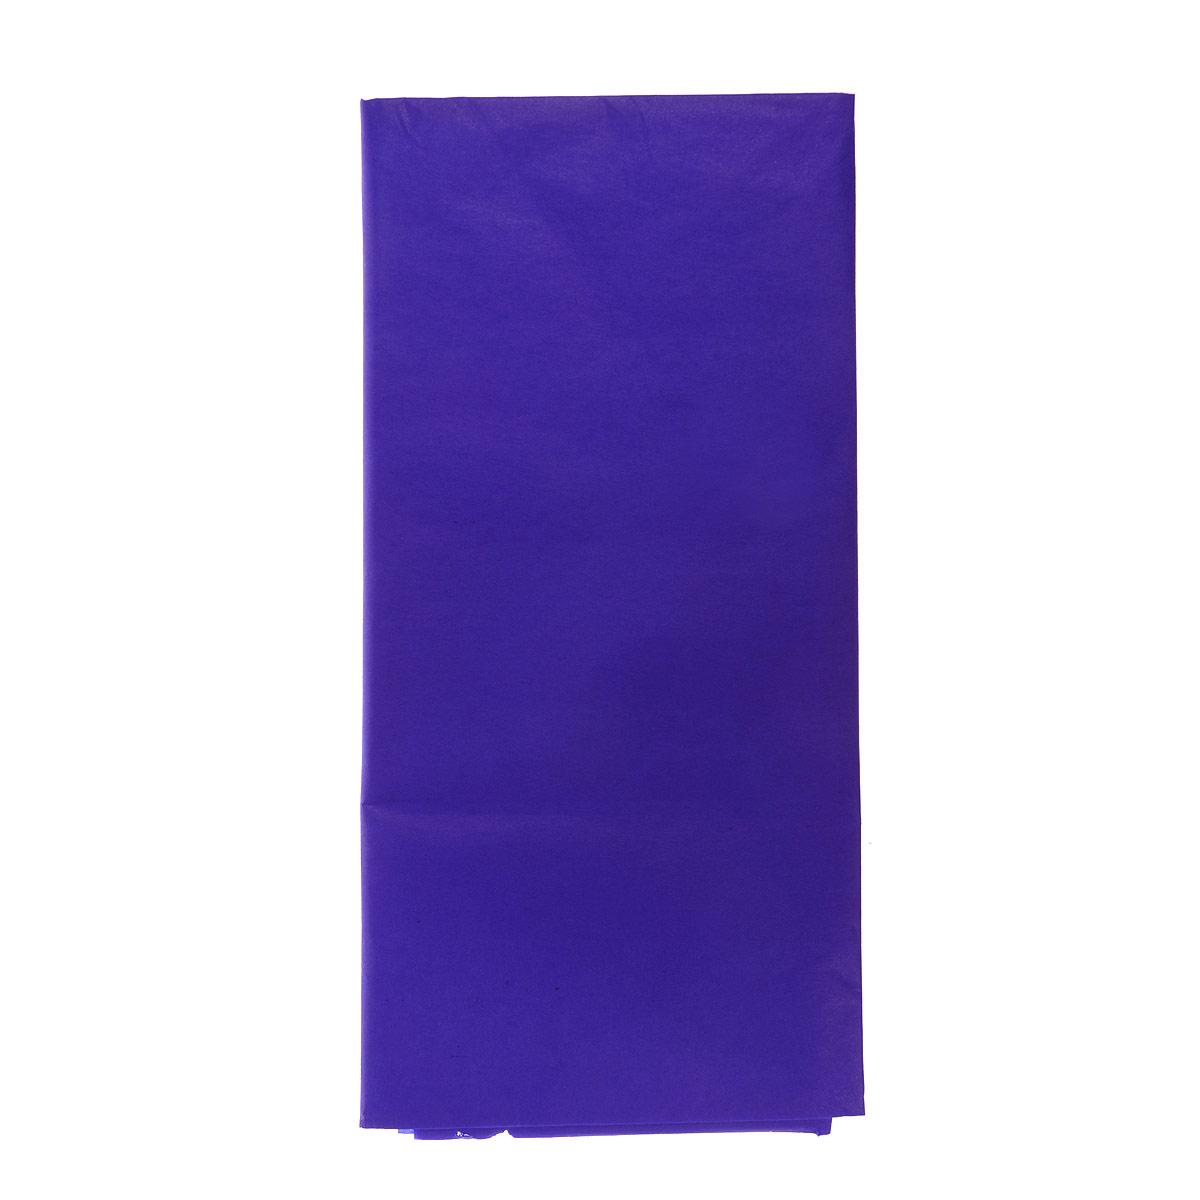 Бумага папиросная Folia, цвет: синий (34), 50 х 70 см, 5 листов. 7708123_347708123_34Бумага папиросная Folia - это великолепная тонкая и эластичная декоративная бумага. Такая бумага очень хороша для изготовления своими руками цветов и букетов с конфетами, топиариев, декорирования праздничных мероприятий. Также из нее получается шикарная упаковка для подарков. Интересный эффект дает сочетание мягкой полупрозрачной фактуры папиросной бумаги с жатыми и матовыми фактурами: креп-бумагой, тутовой и различными видами картона. Бумага очень тонкая, полупрозрачная - поэтому ее можно оригинально использовать в декоре стекла, светильников и гирлянд. Достаточно большие размеры листа и богатая цветовая палитра дают простор вашей творческой фантазии. Размер листа: 50 см х 70 см. Плотность: 20 г/м2.